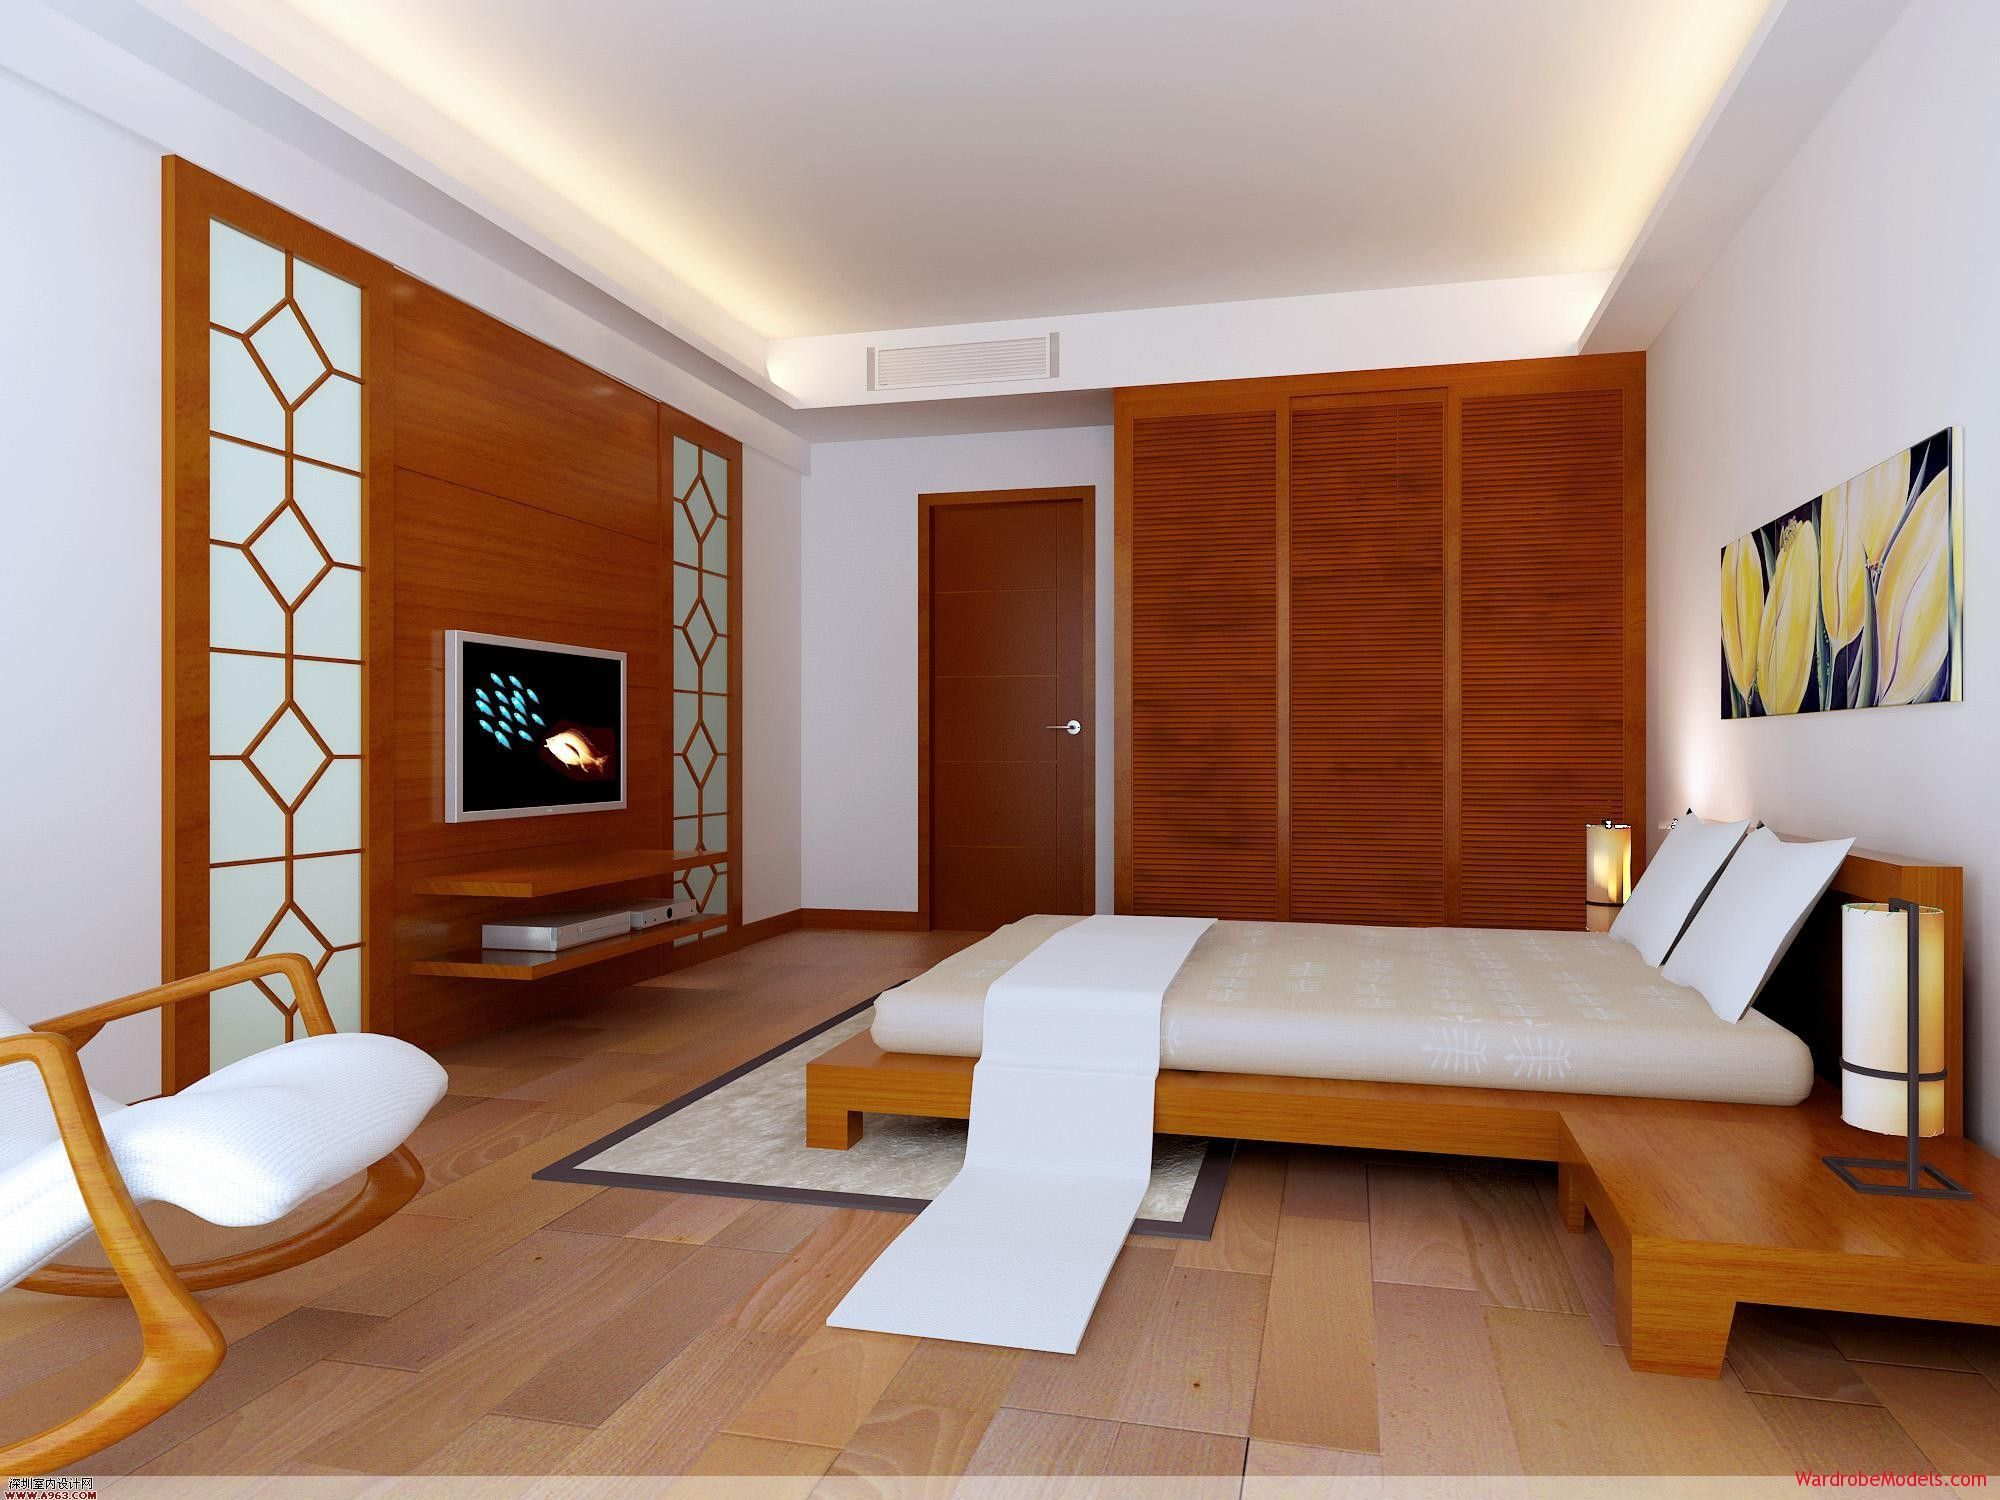 Master bedroom designs as per vastu  New Bedroom Modern Cupboard For   Wardrobe Models  General